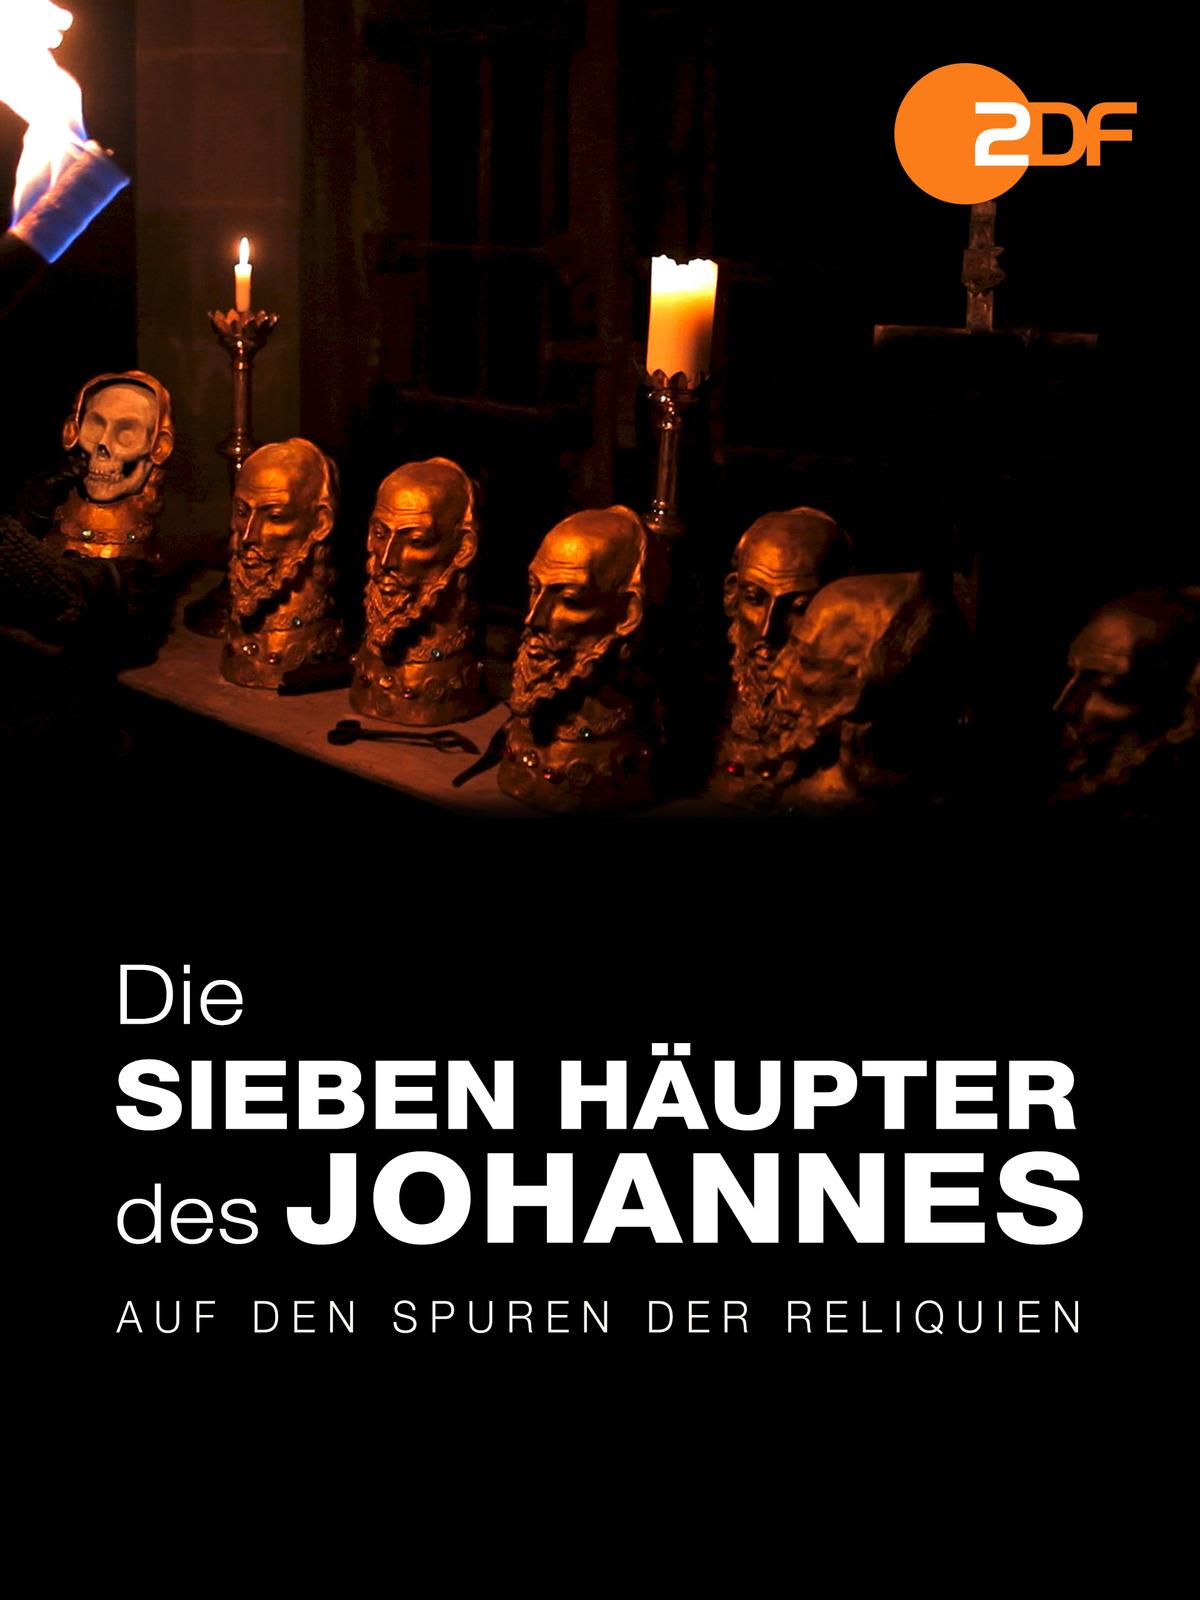 Die sieben Häupter des Johannes - Auf den Spuren der Reliquien